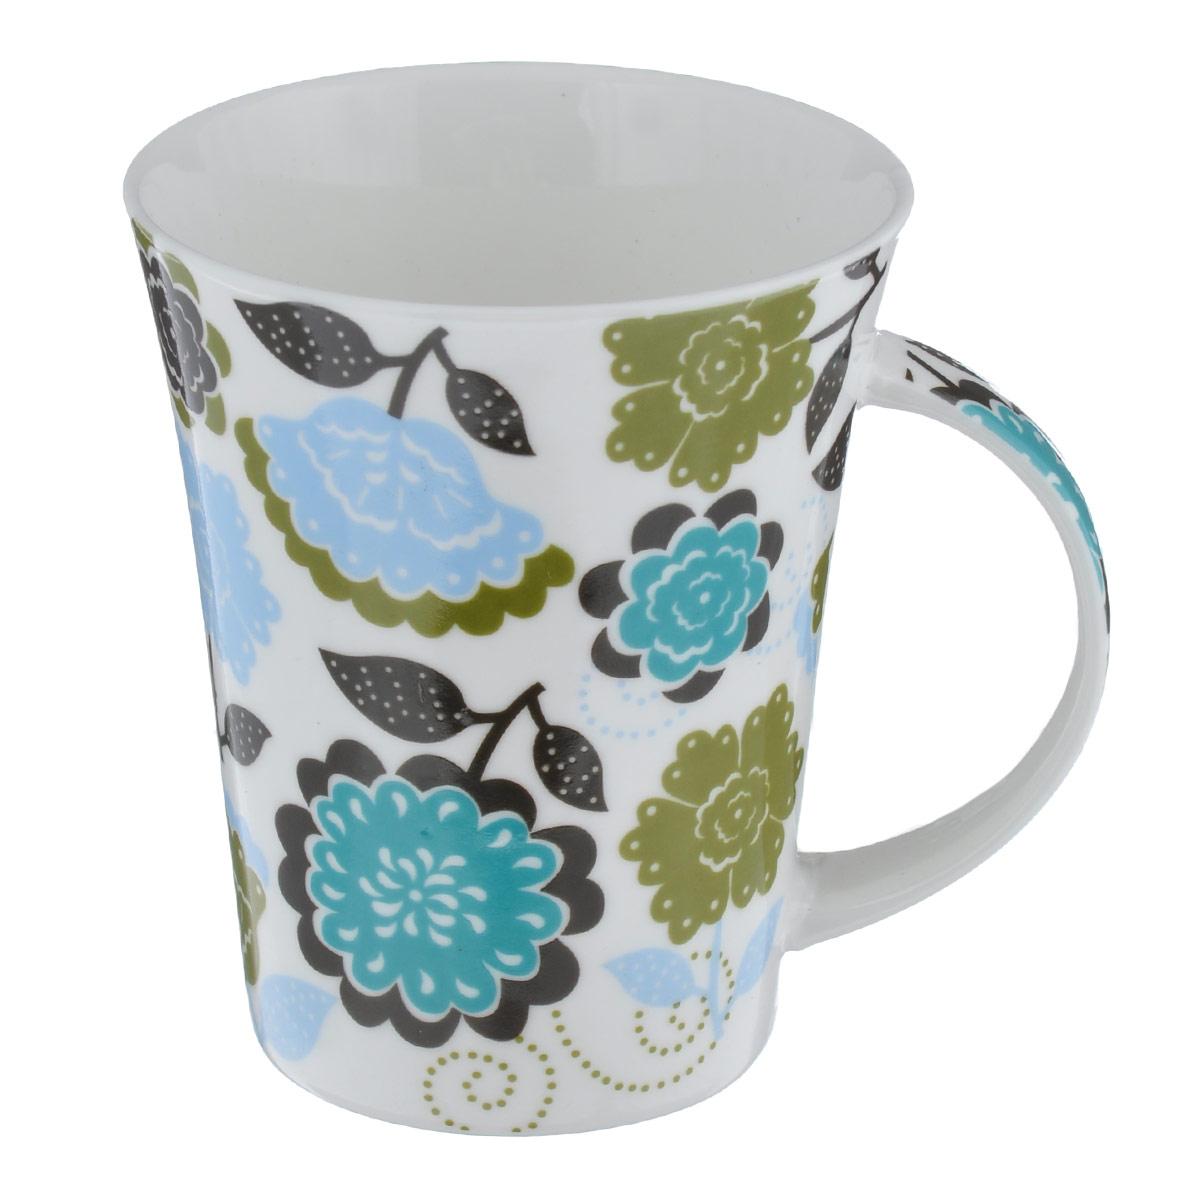 Кружка Фэнтези блю, 300 млLQB18-T080_цветыКружка Фэнтези блю изготовлена из высококачественного фарфора, покрытого слоем сверкающей глазури. Внешние стенки изделия оформлены красочным цветочным рисунком. Такая кружка прекрасно подойдет для горячих и холодных напитков. Она дополнит коллекцию вашей кухонной посуды и будет служить долгие годы. Можно использовать в посудомоечной машине и СВЧ. Объем кружки: 300 мл. Диаметр кружки (по верхнему краю): 9 см. Высота стенки кружки: 11 см.